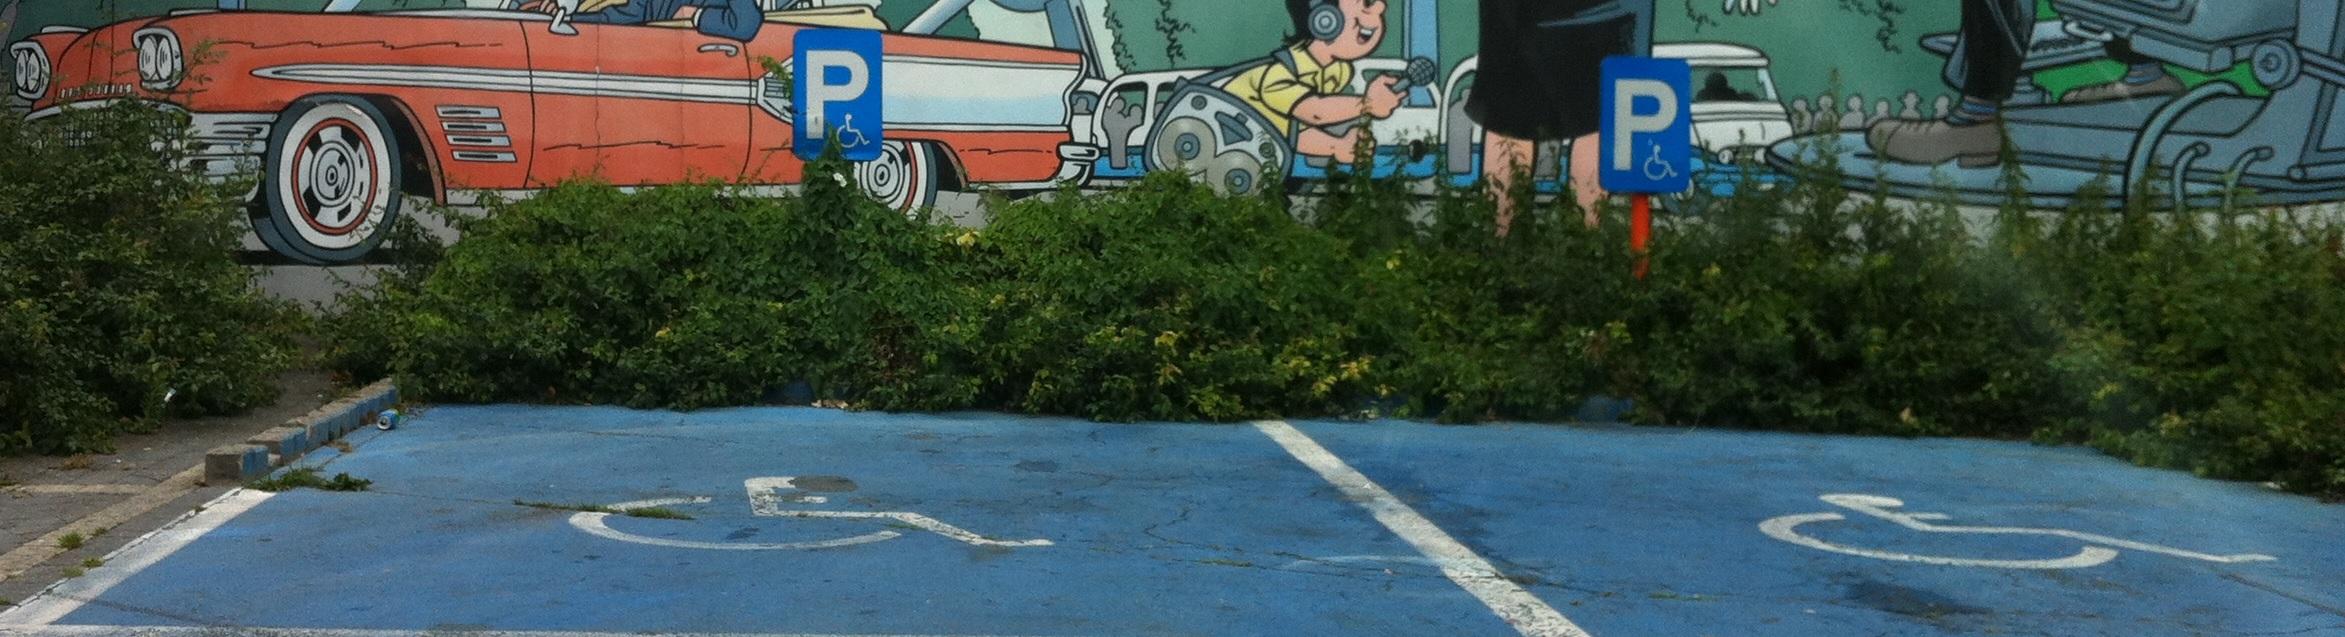 places de stationnement pour personnes handicapées